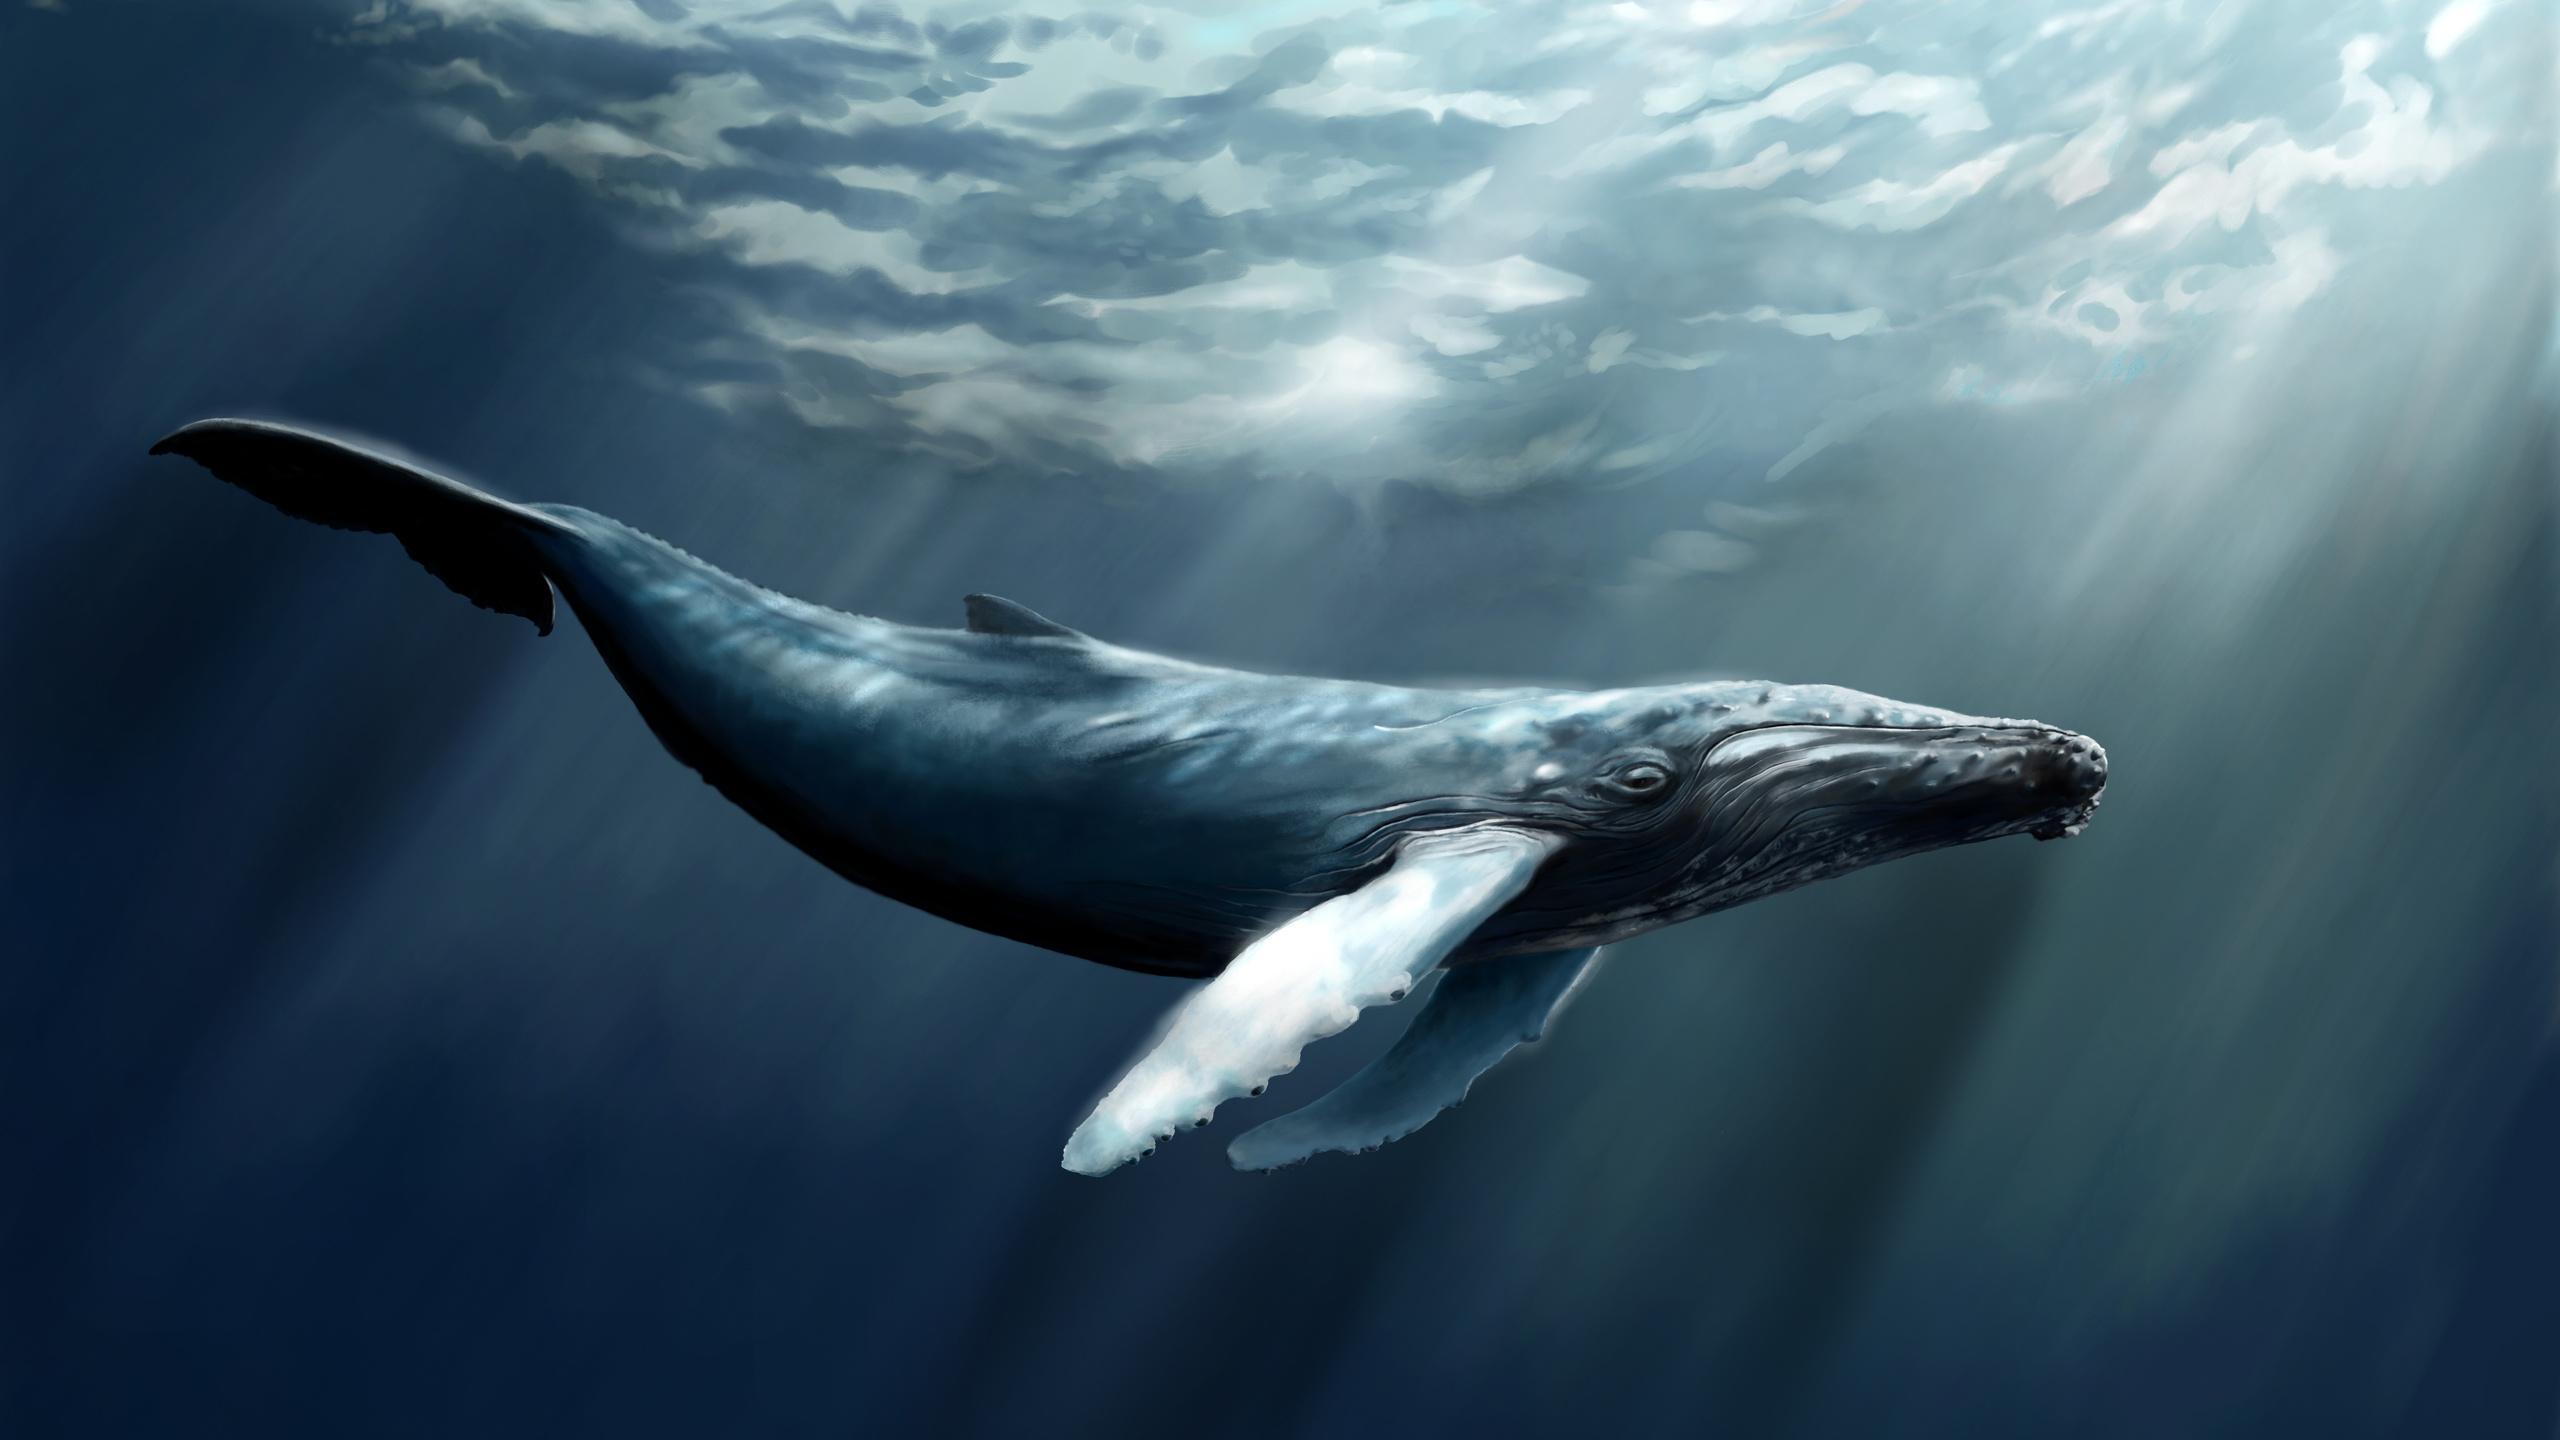 кит, глубина, млекопитающее